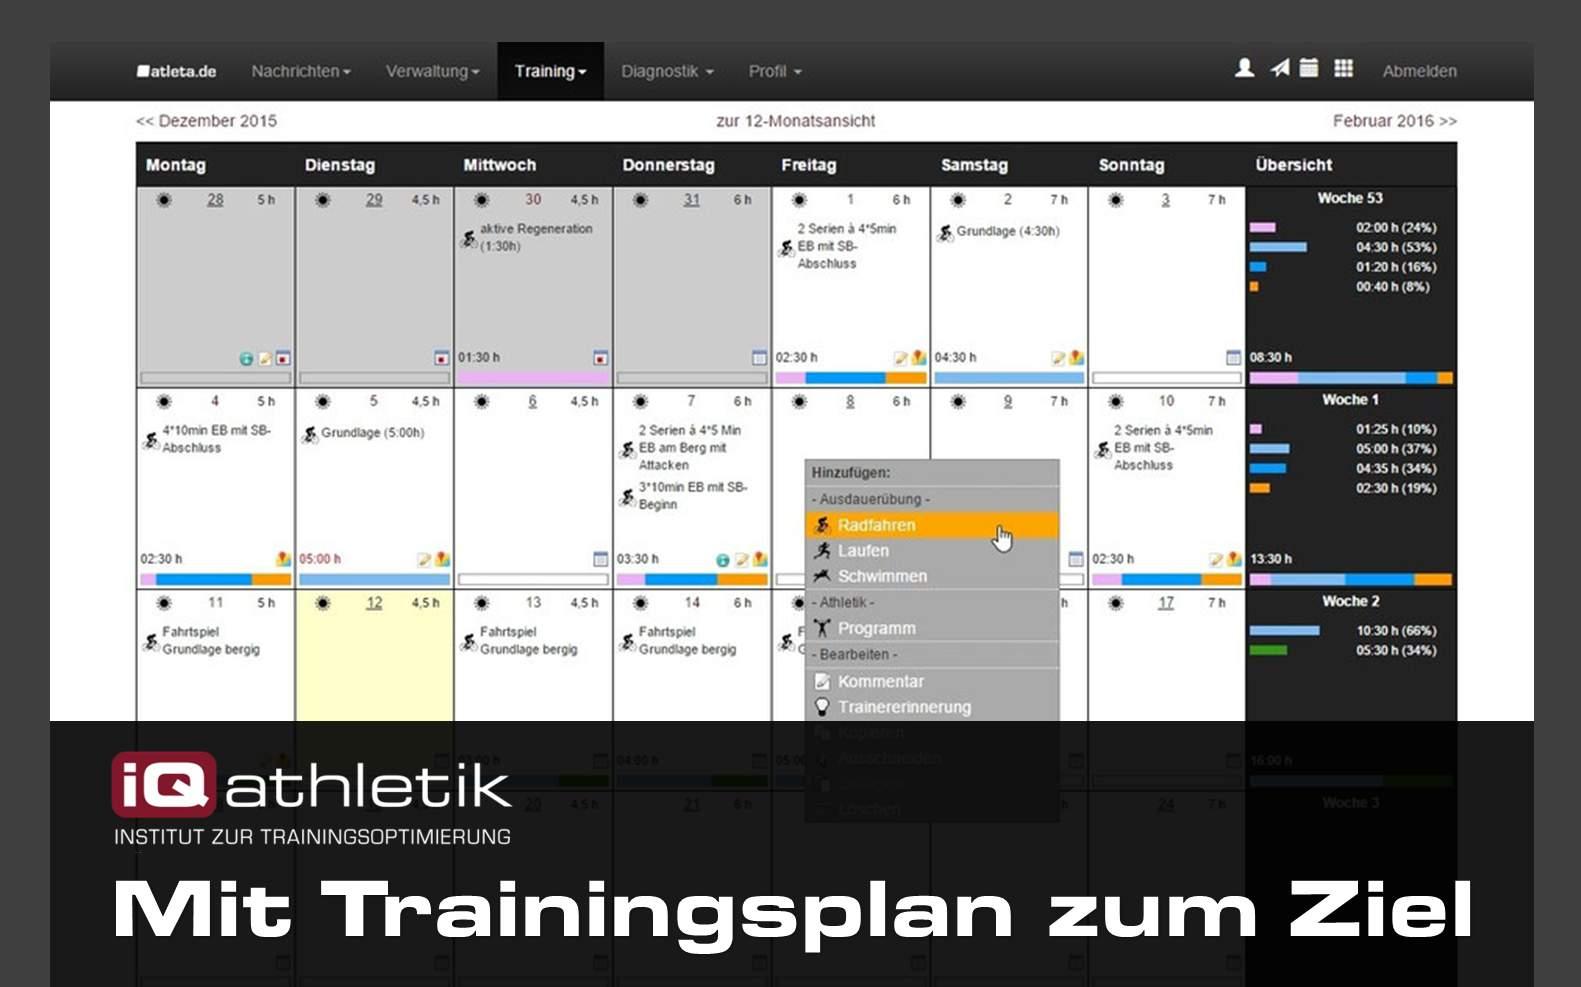 Online-Trainingsprogramme und Online-Coaching für Laufsport, Triathlon, Radsport, Kraft- und Athletiktraining